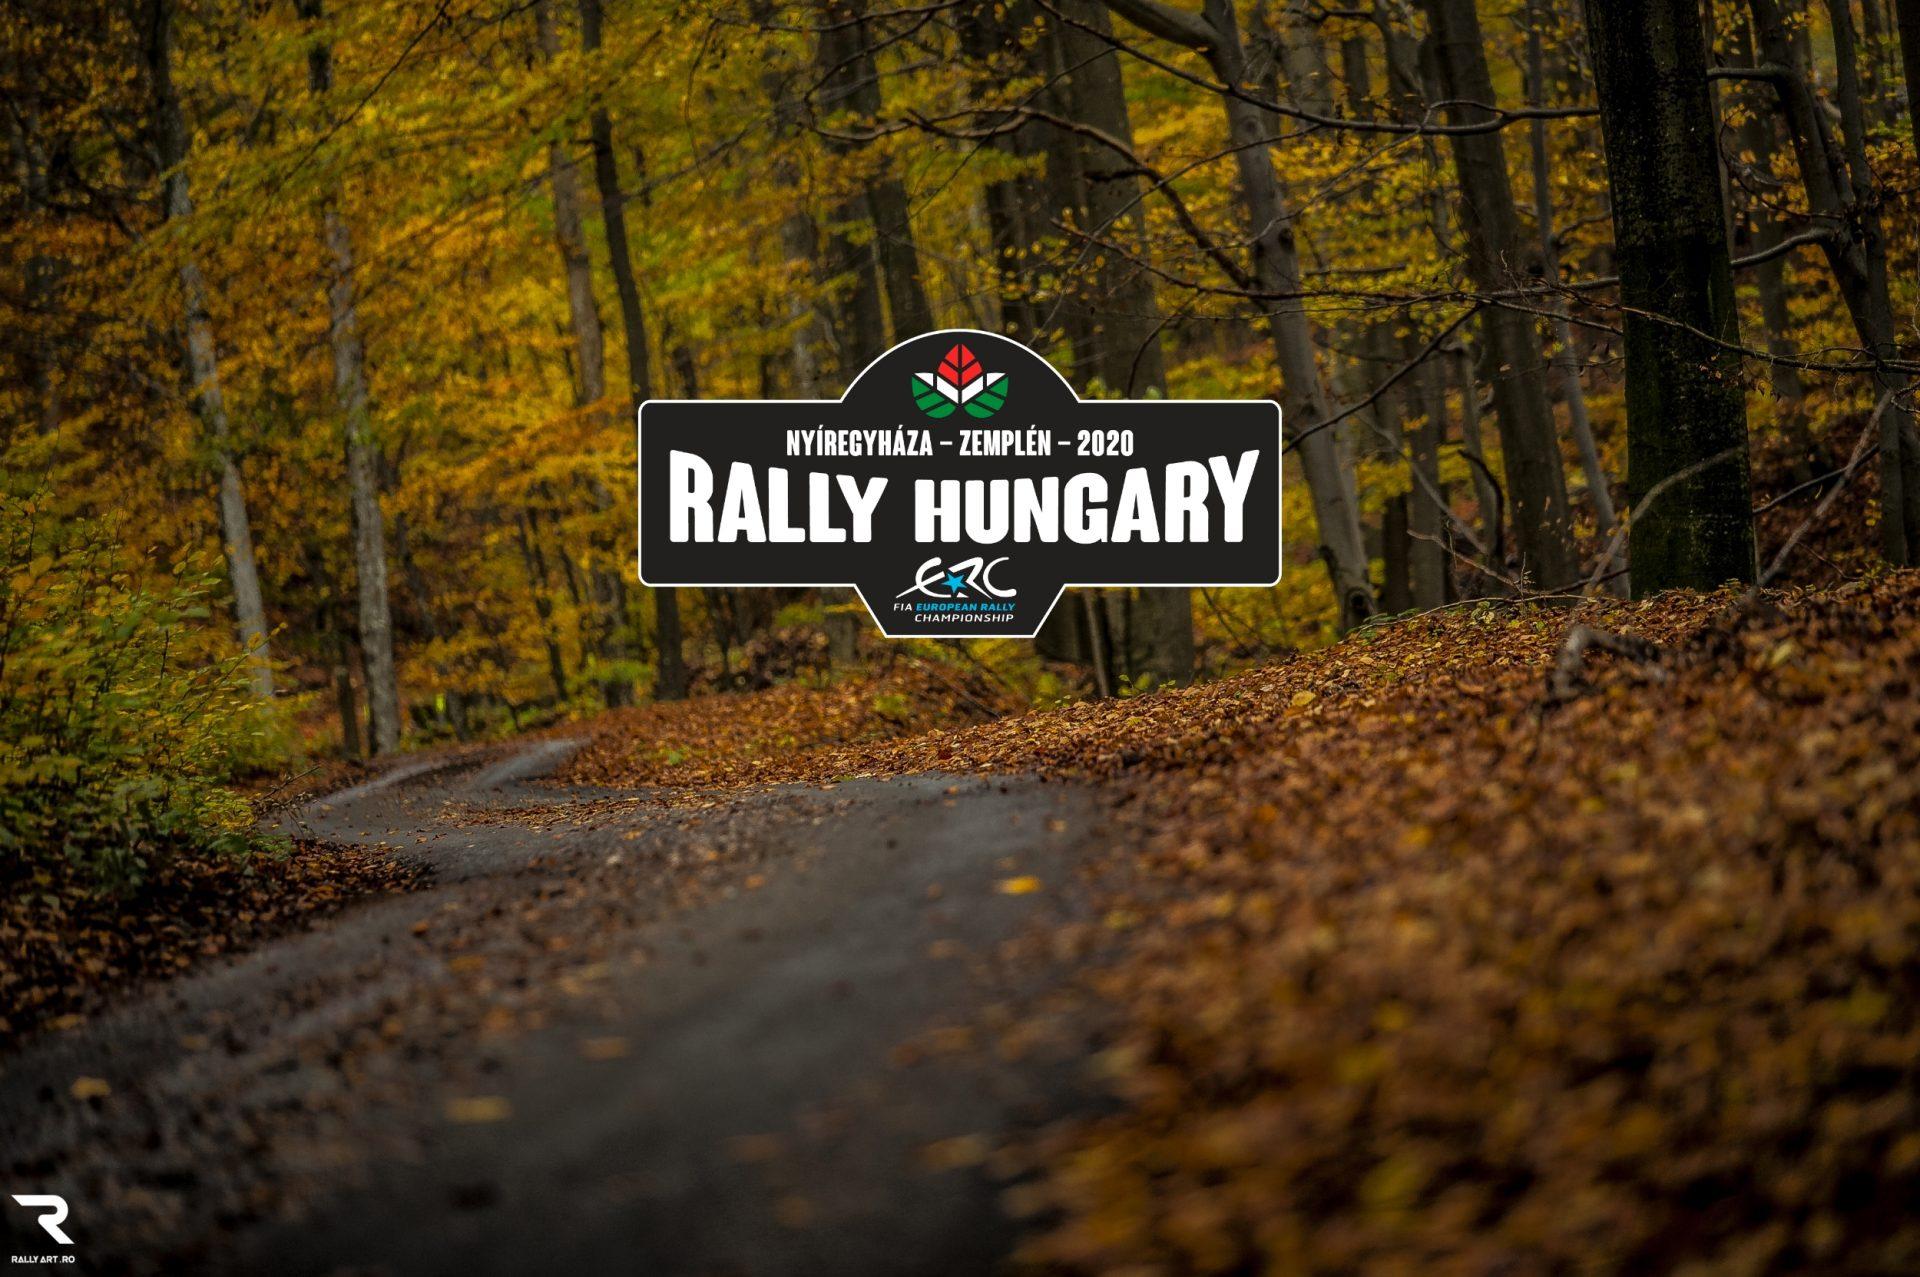 Prezență românească numeroasă în Rally Hungary 2020